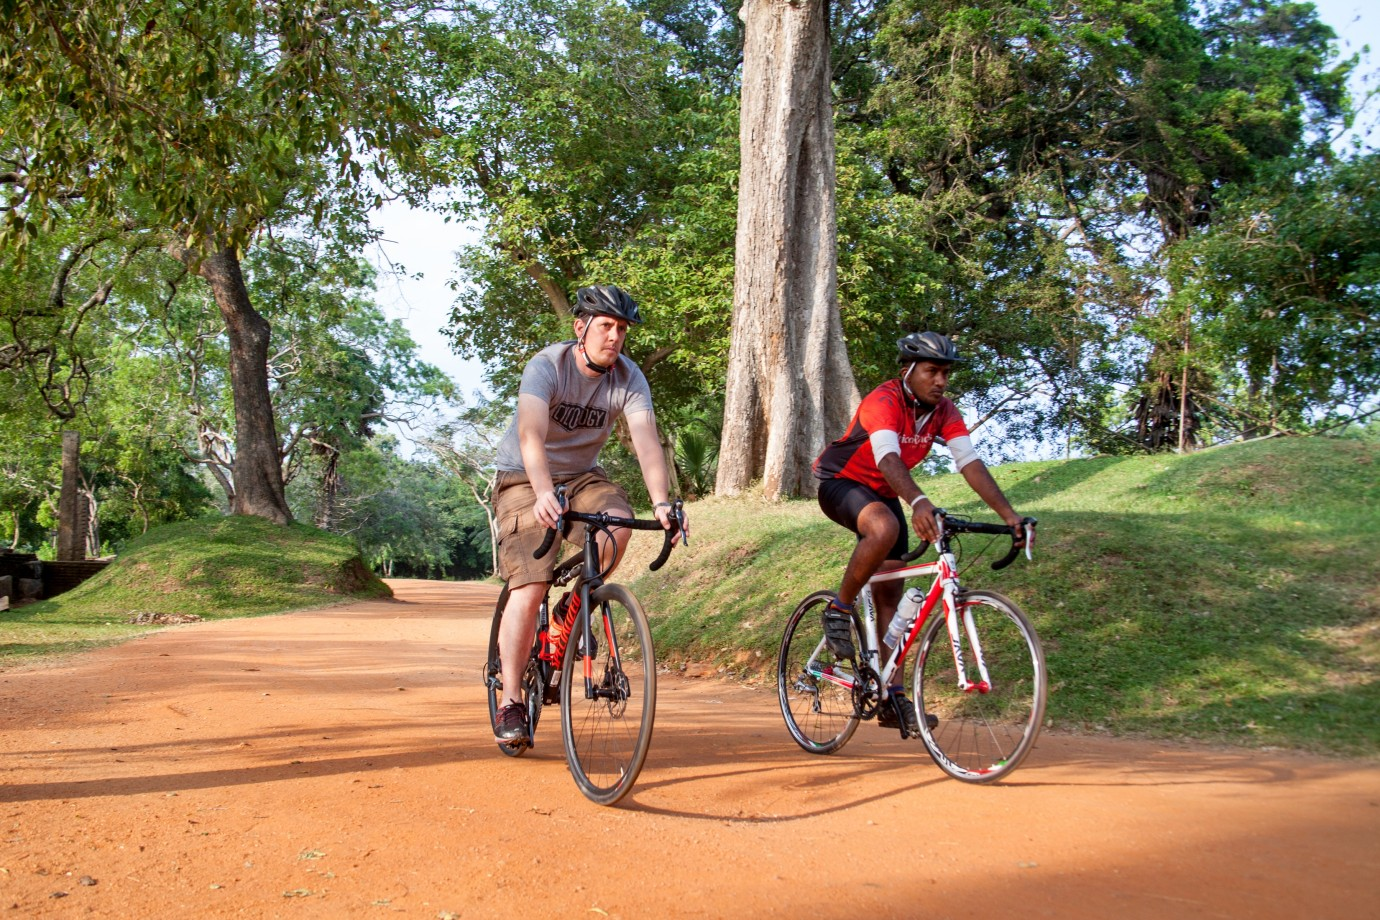 31f4ddf5c Sri Lanka End to End Road Cycling Holiday - KE Adventure Travel